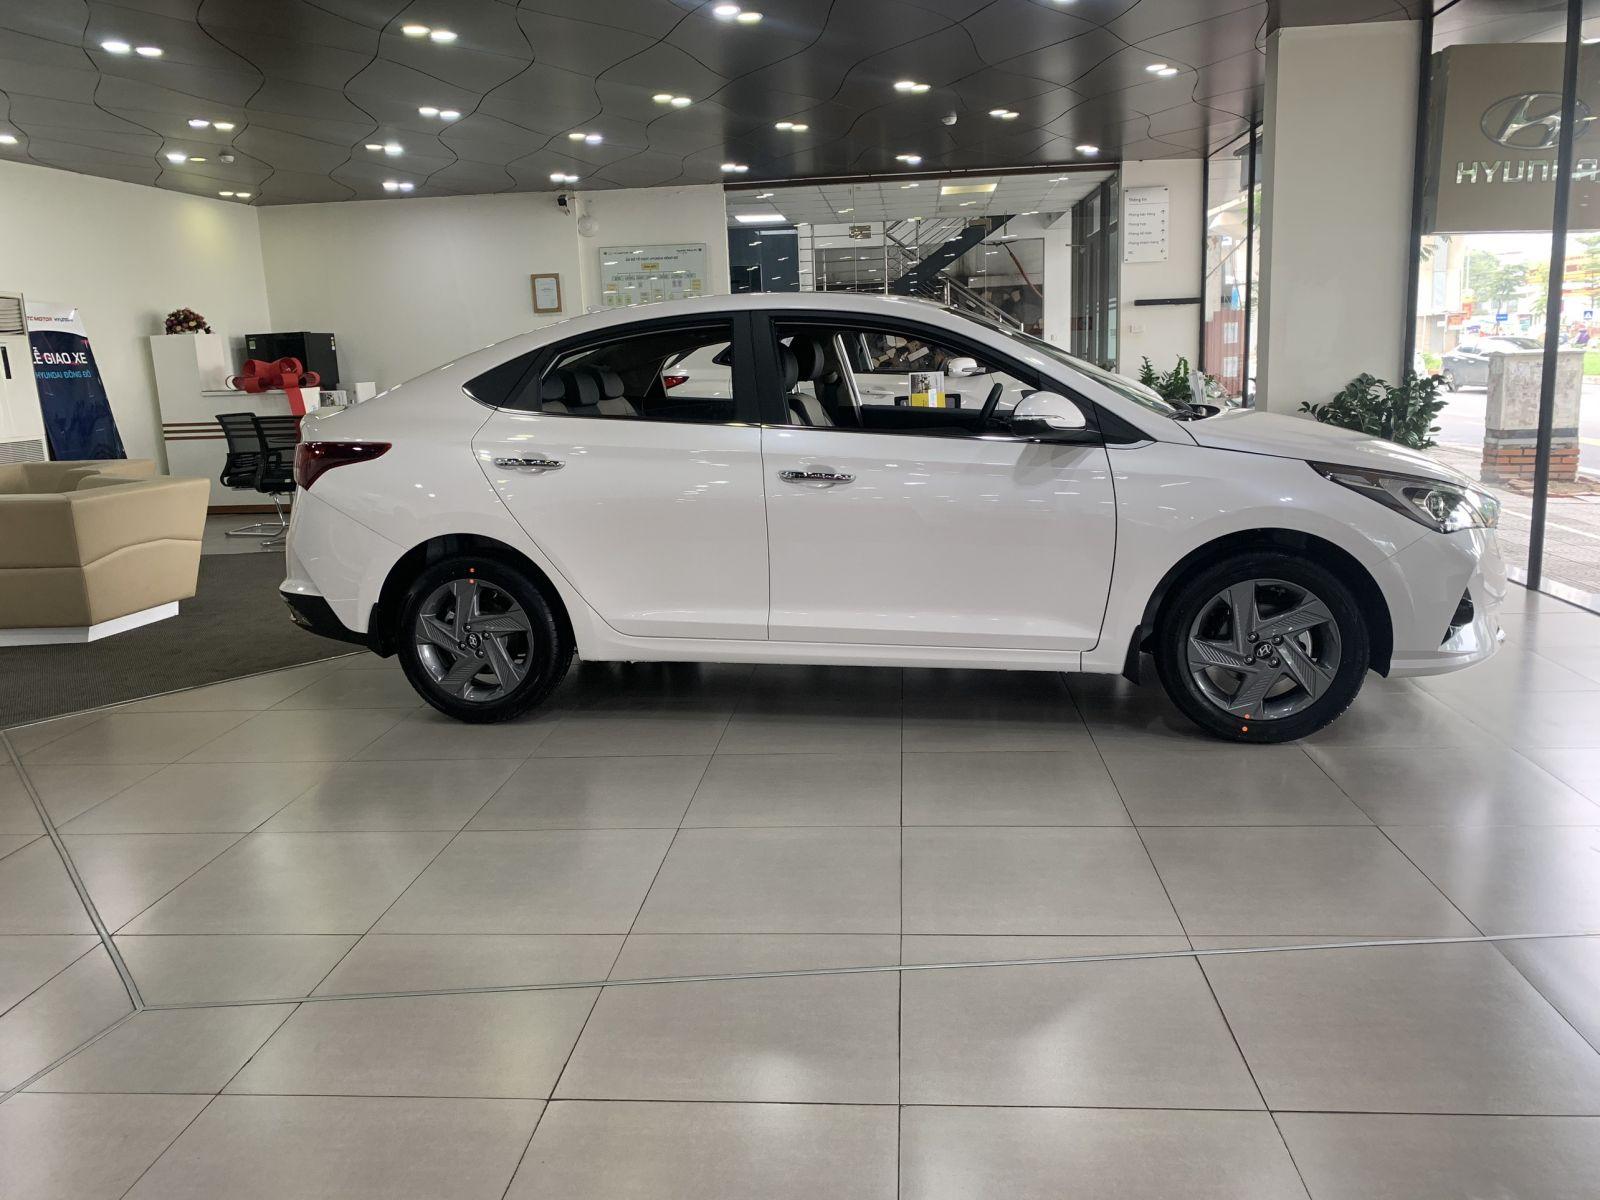 Hyundai Accent 1.4 AT đặc biệt 540 triệu